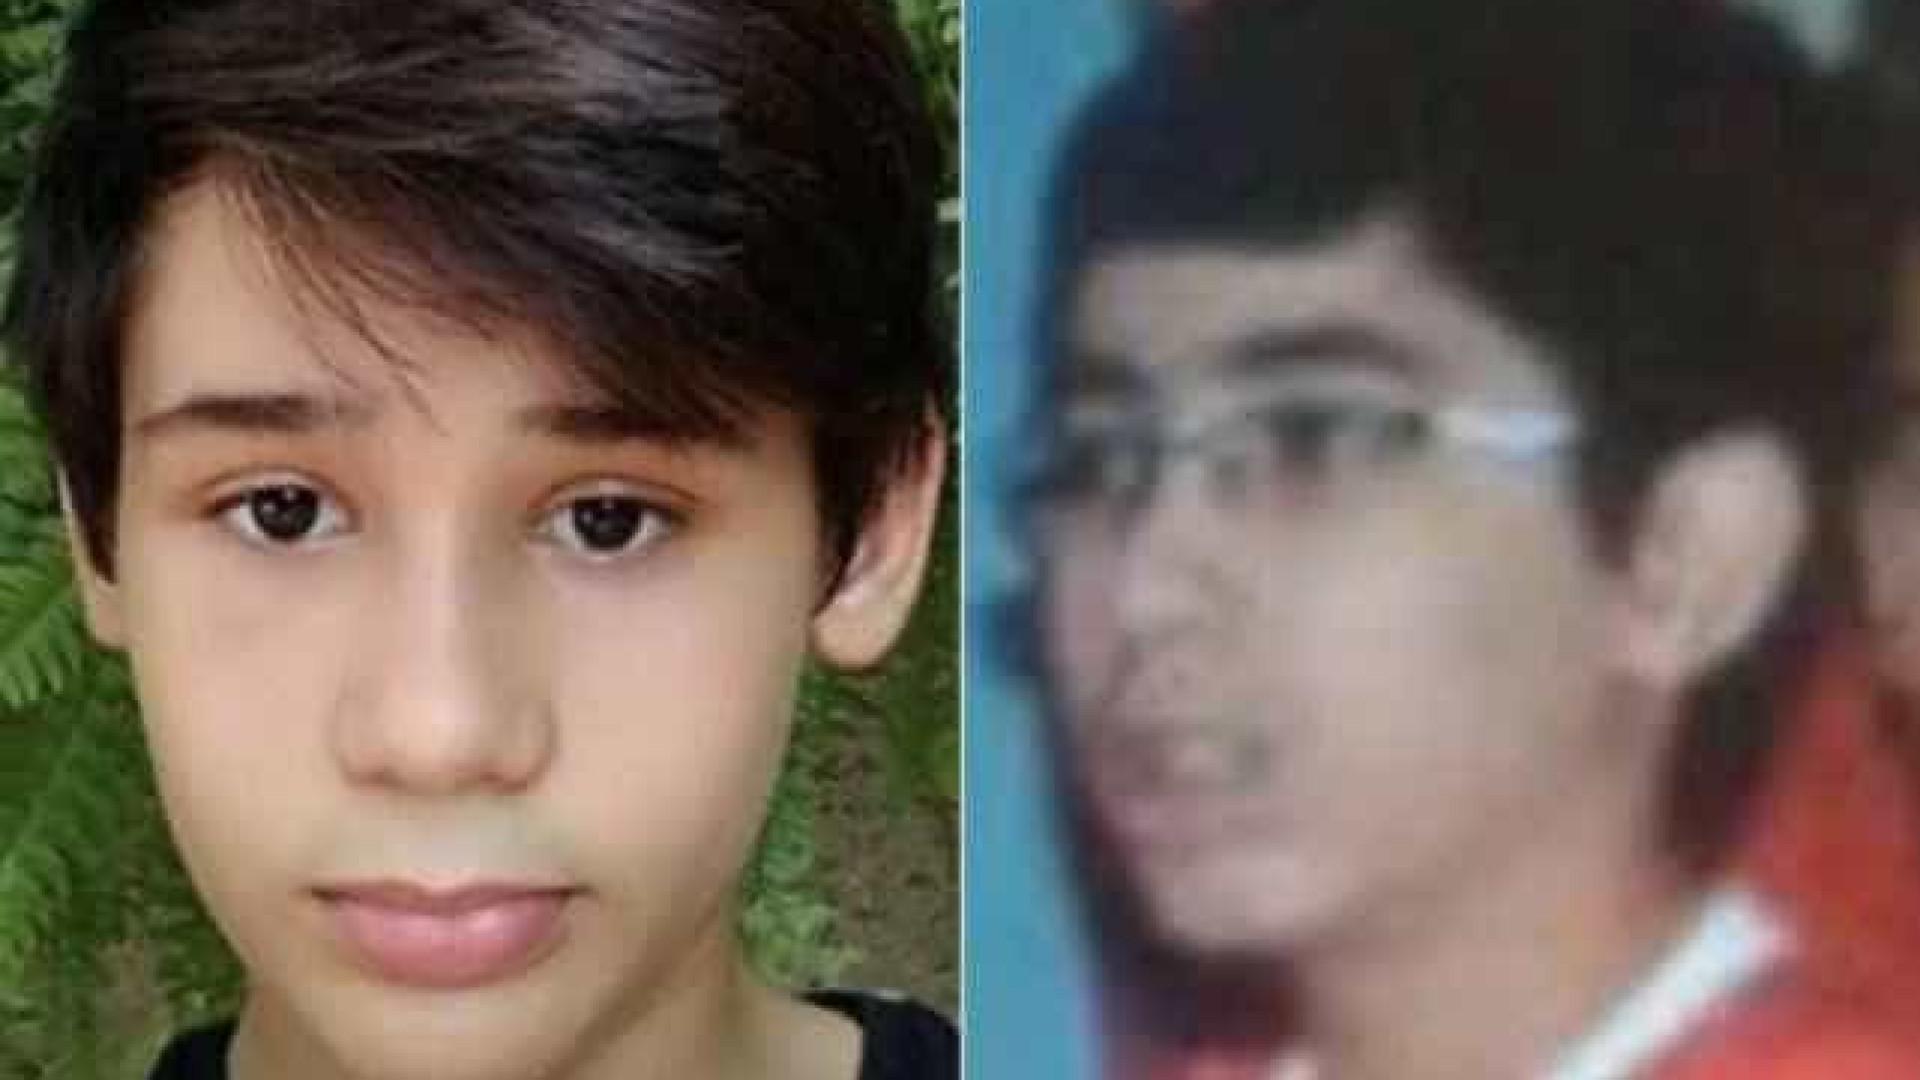 Estudantes de Goiânia morreram com tiros na cabeça, aponta IML